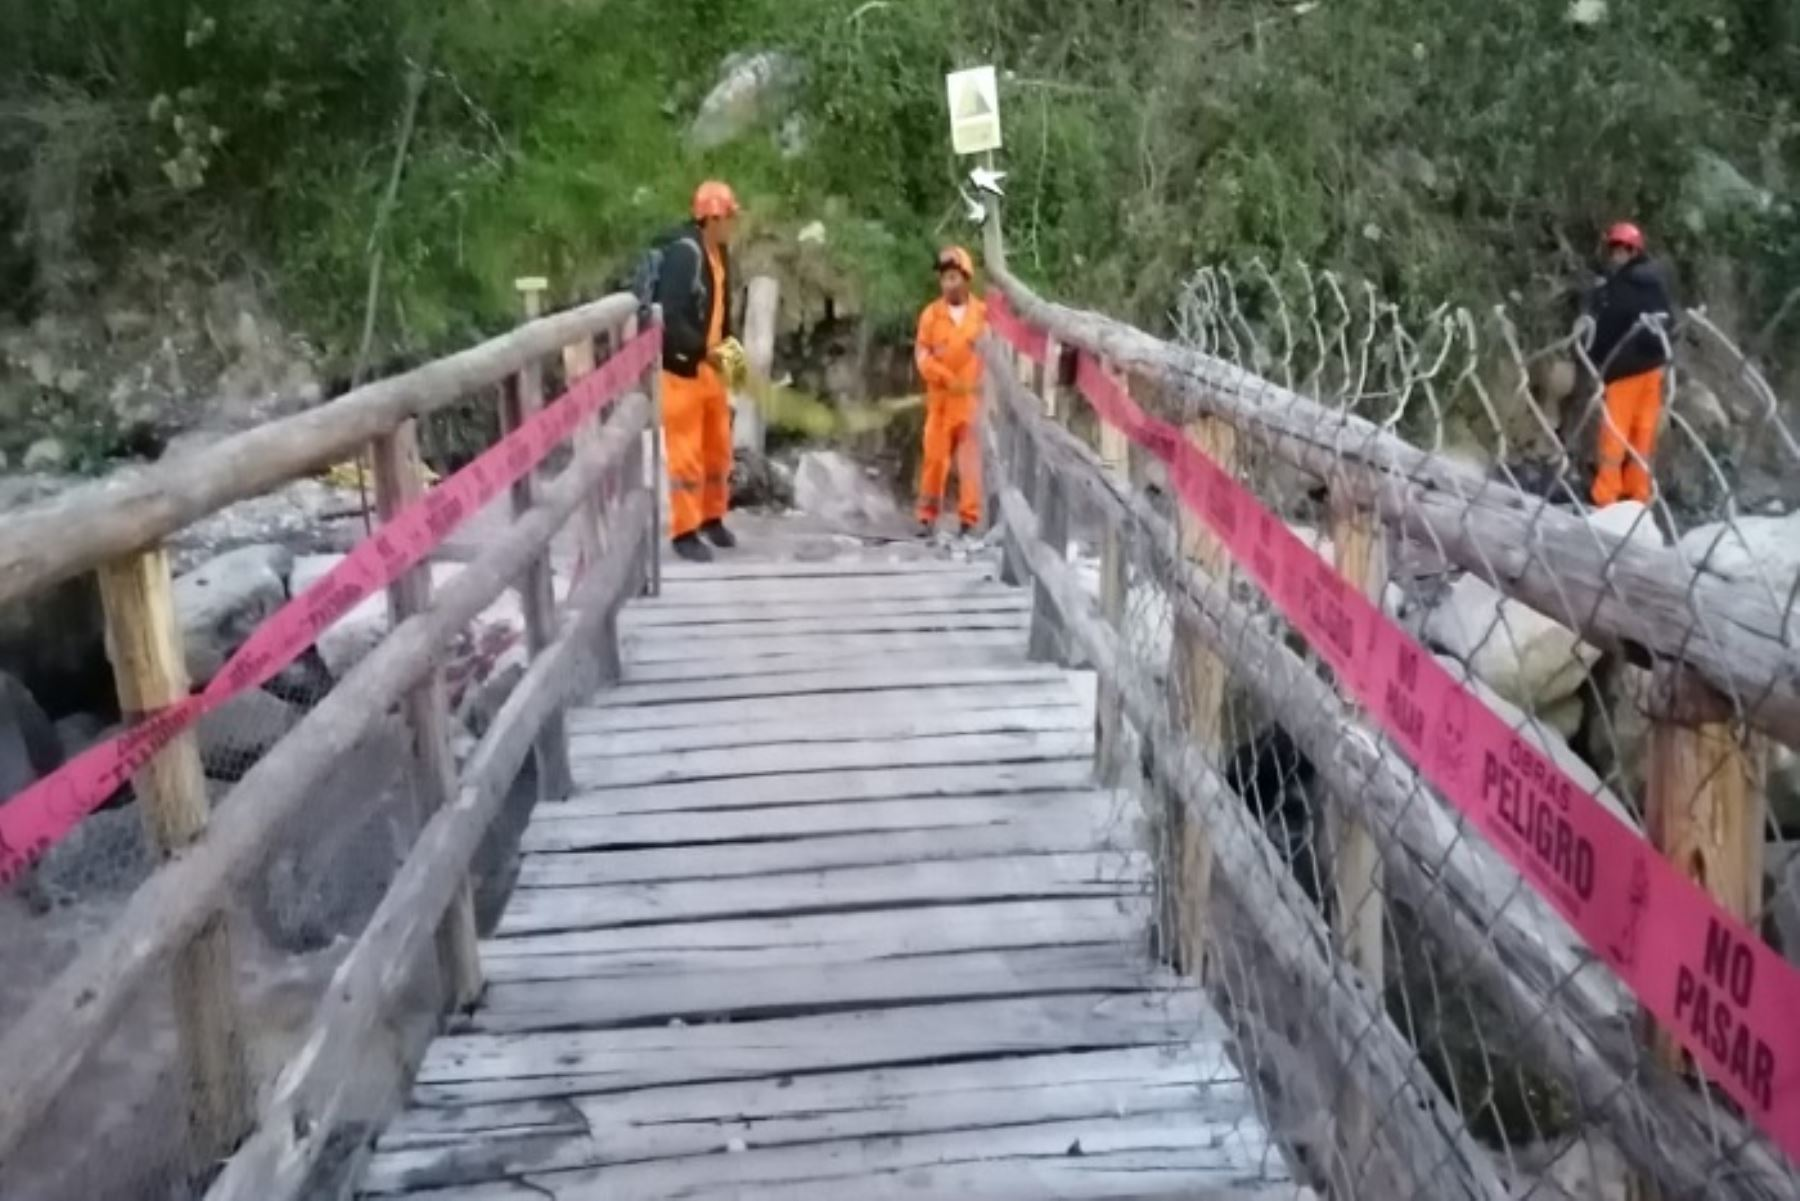 Continúan con las acciones de prevención para la comunidad de Huayllabamba y visitantes que acceden por el kilómetro 88 de la vía férrea Ollantaytambo - Machu Picchu, a la gran red de Caminos Inca.